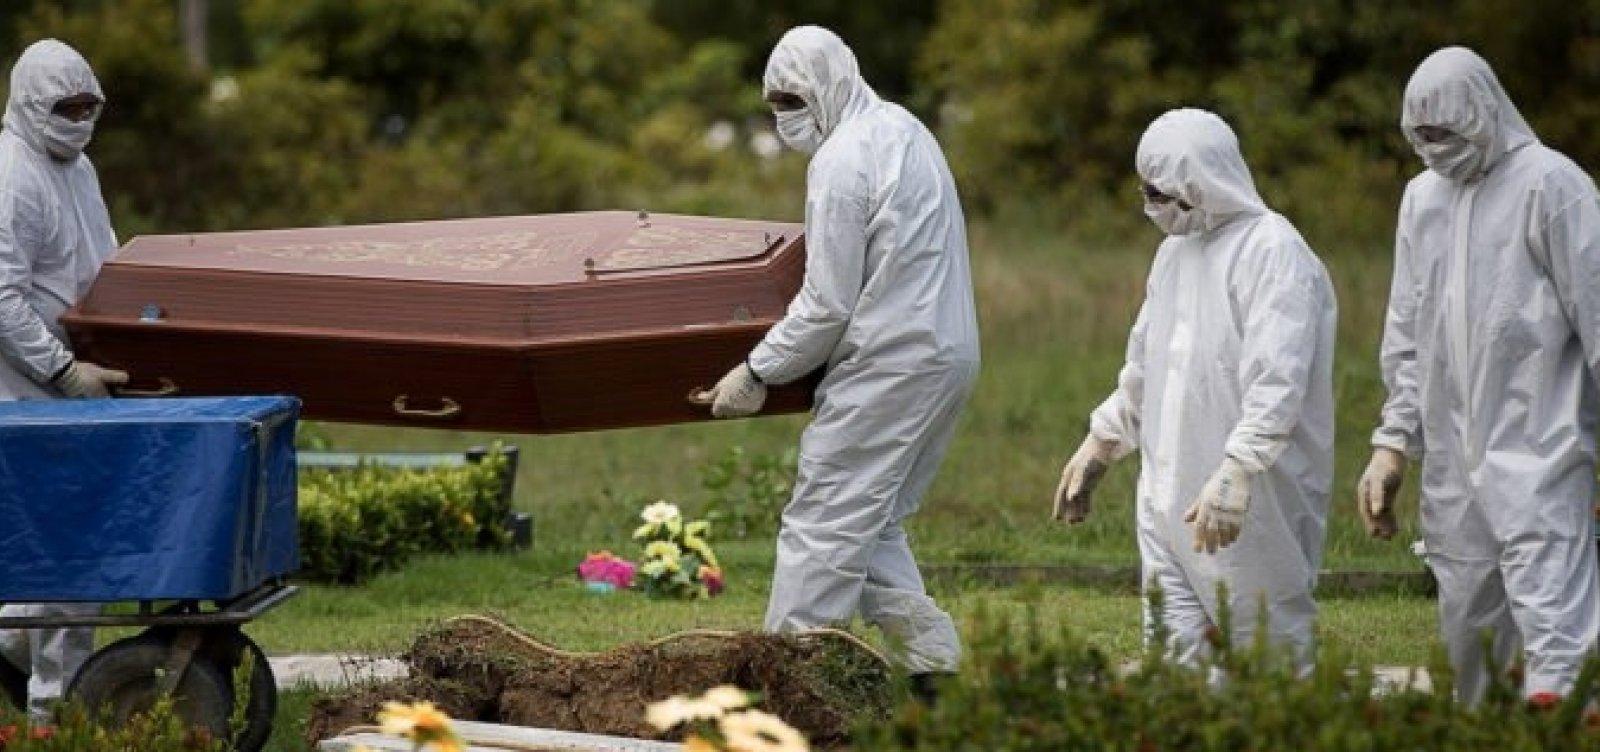 [Brasil chega a 200 mil mortes por Covid-19]